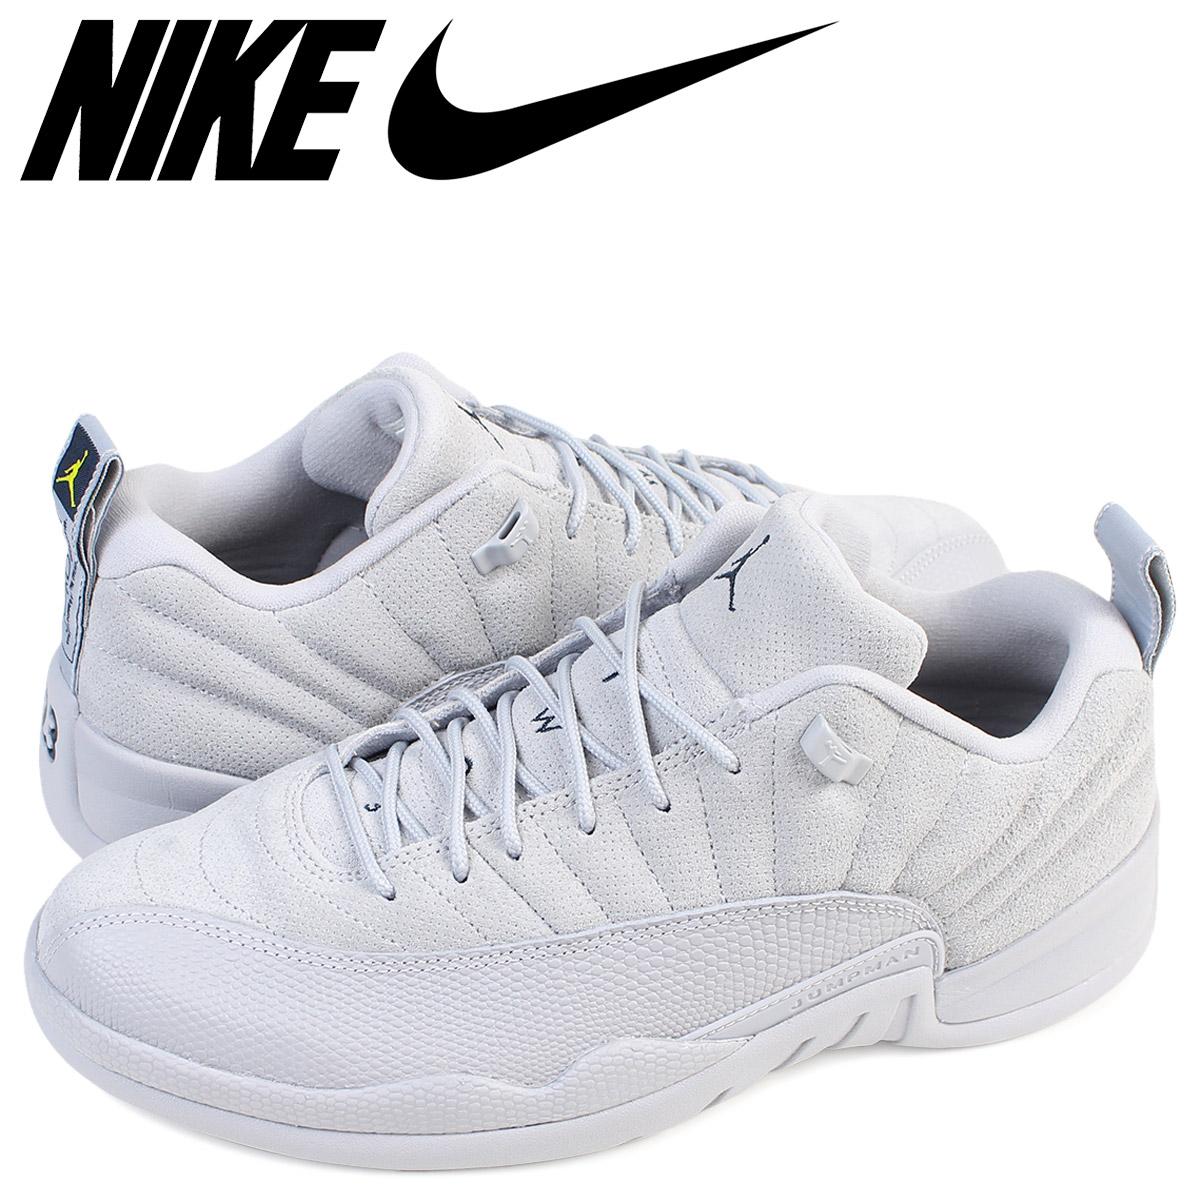 new styles 742c1 3ff1f NIKE Nike Air Jordan 12 nostalgic low sneakers AIR JORDAN 12 RETRO LOW men  308,317-002 shoes gray